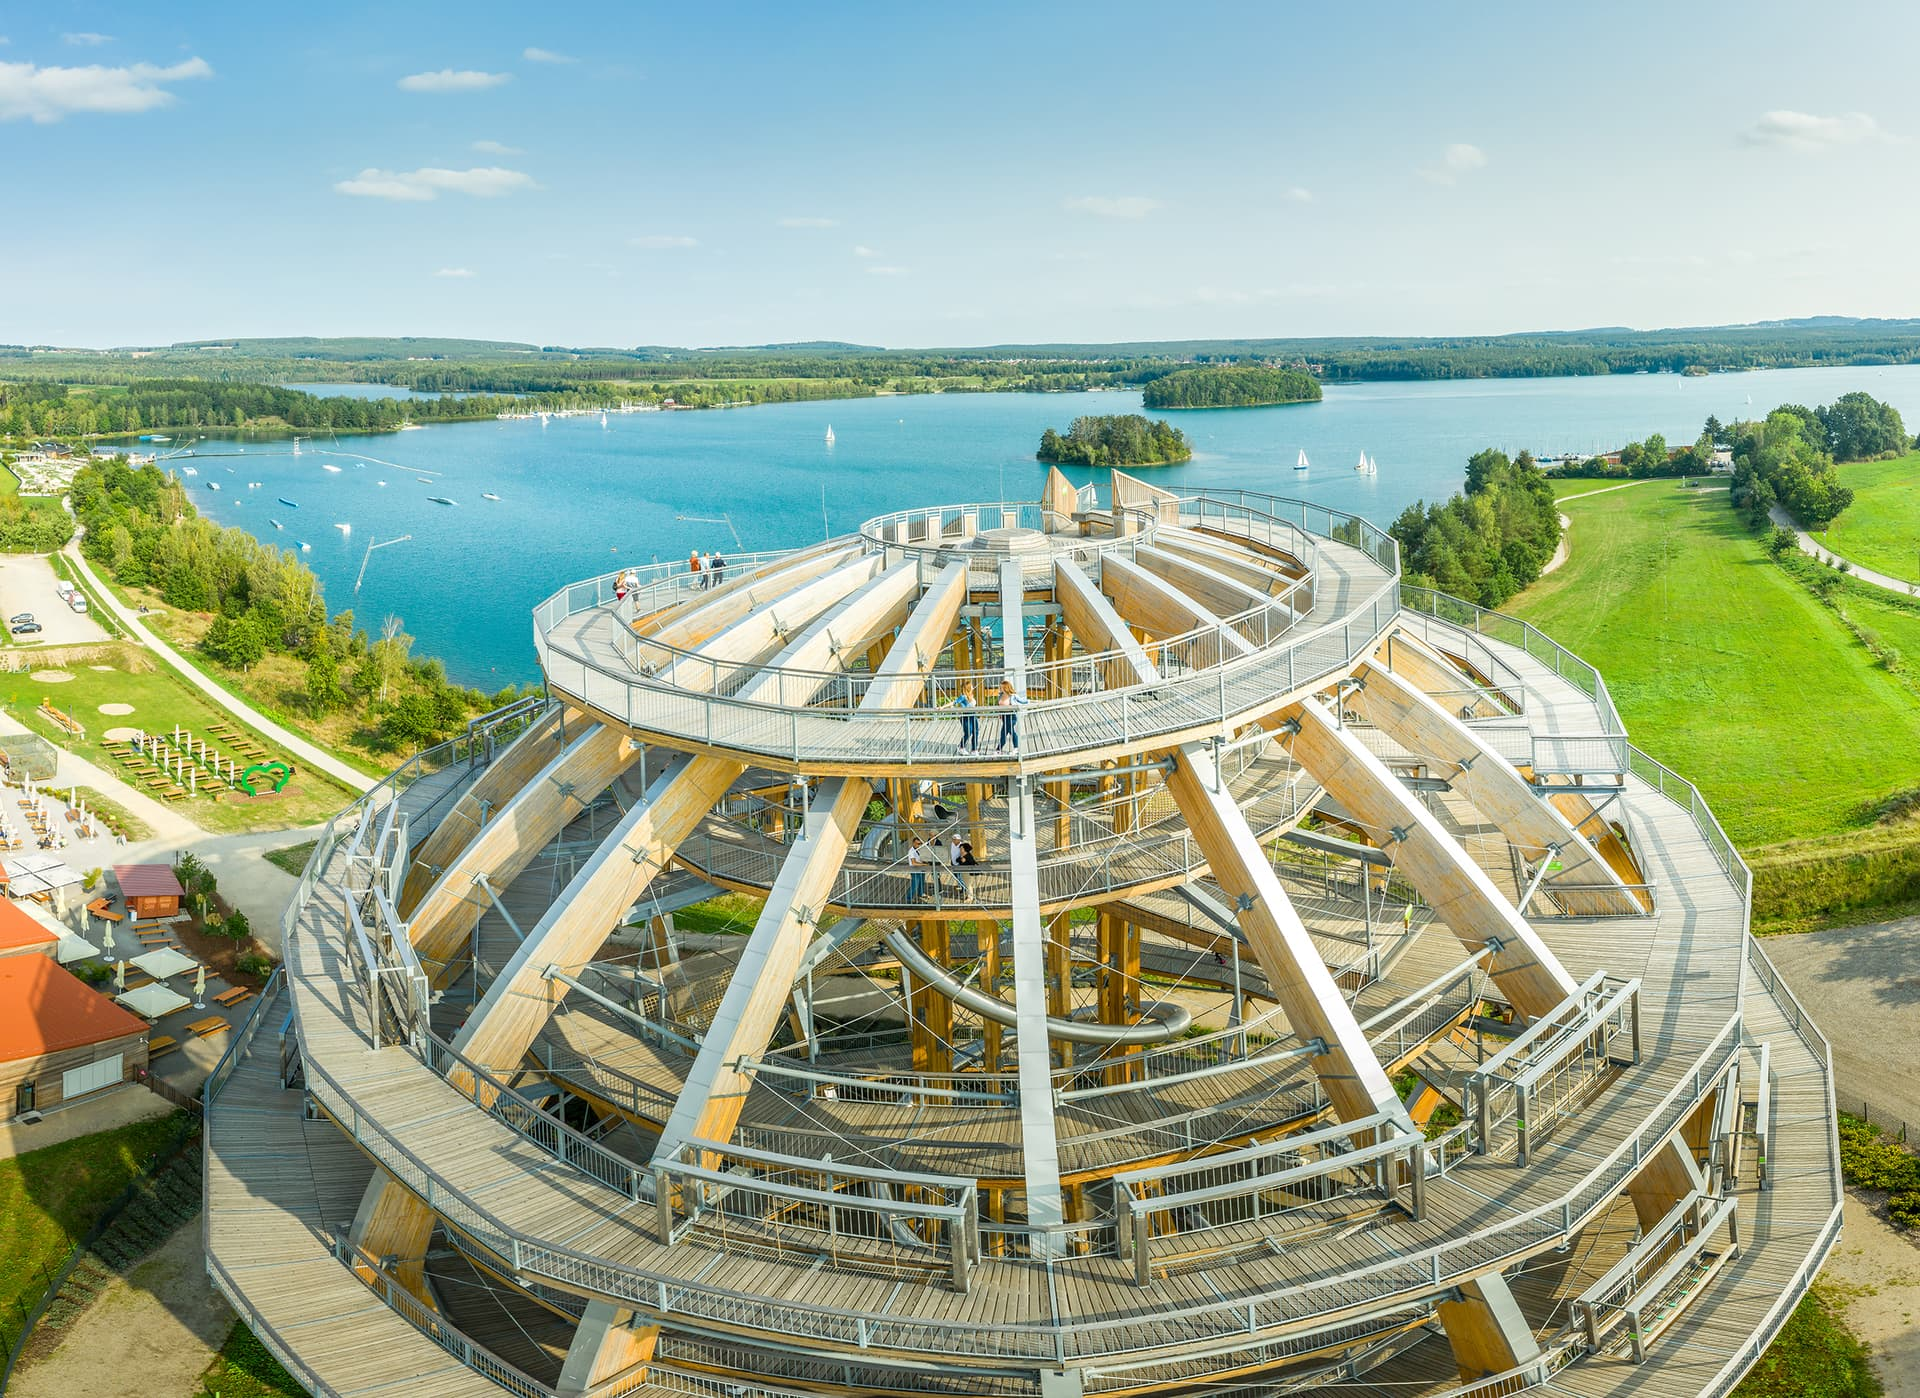 Mit Blizz zur größten Erlebnisholzkugel der Welt Vor der herrlichen Kulisse des Steinberger Sees steht die größte begehbare Holzkugel der Welt